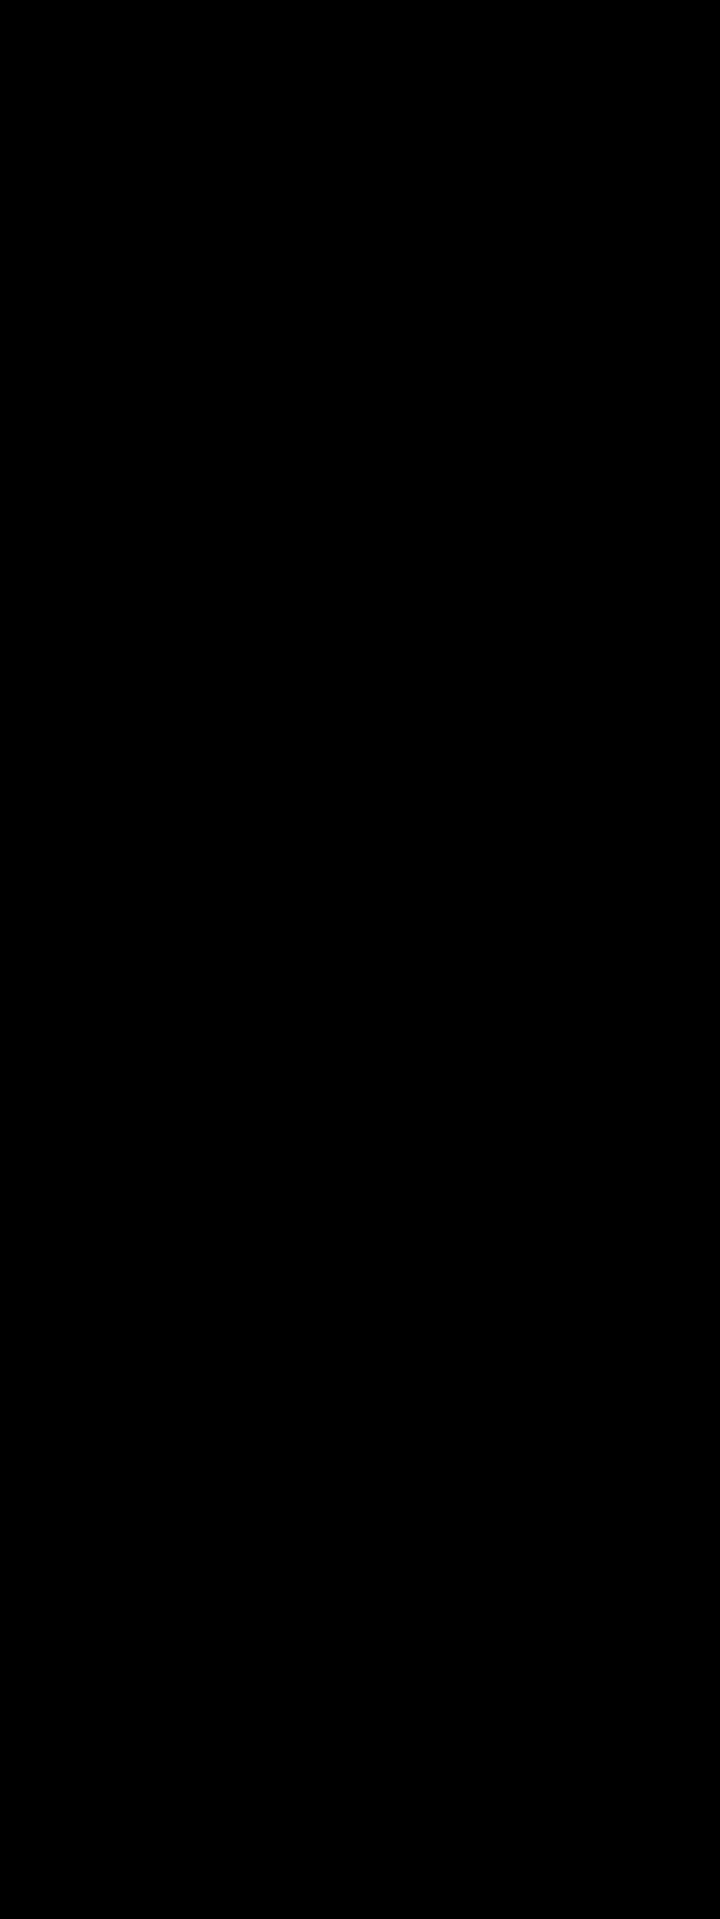 Autobats Dingbat Font Specimen